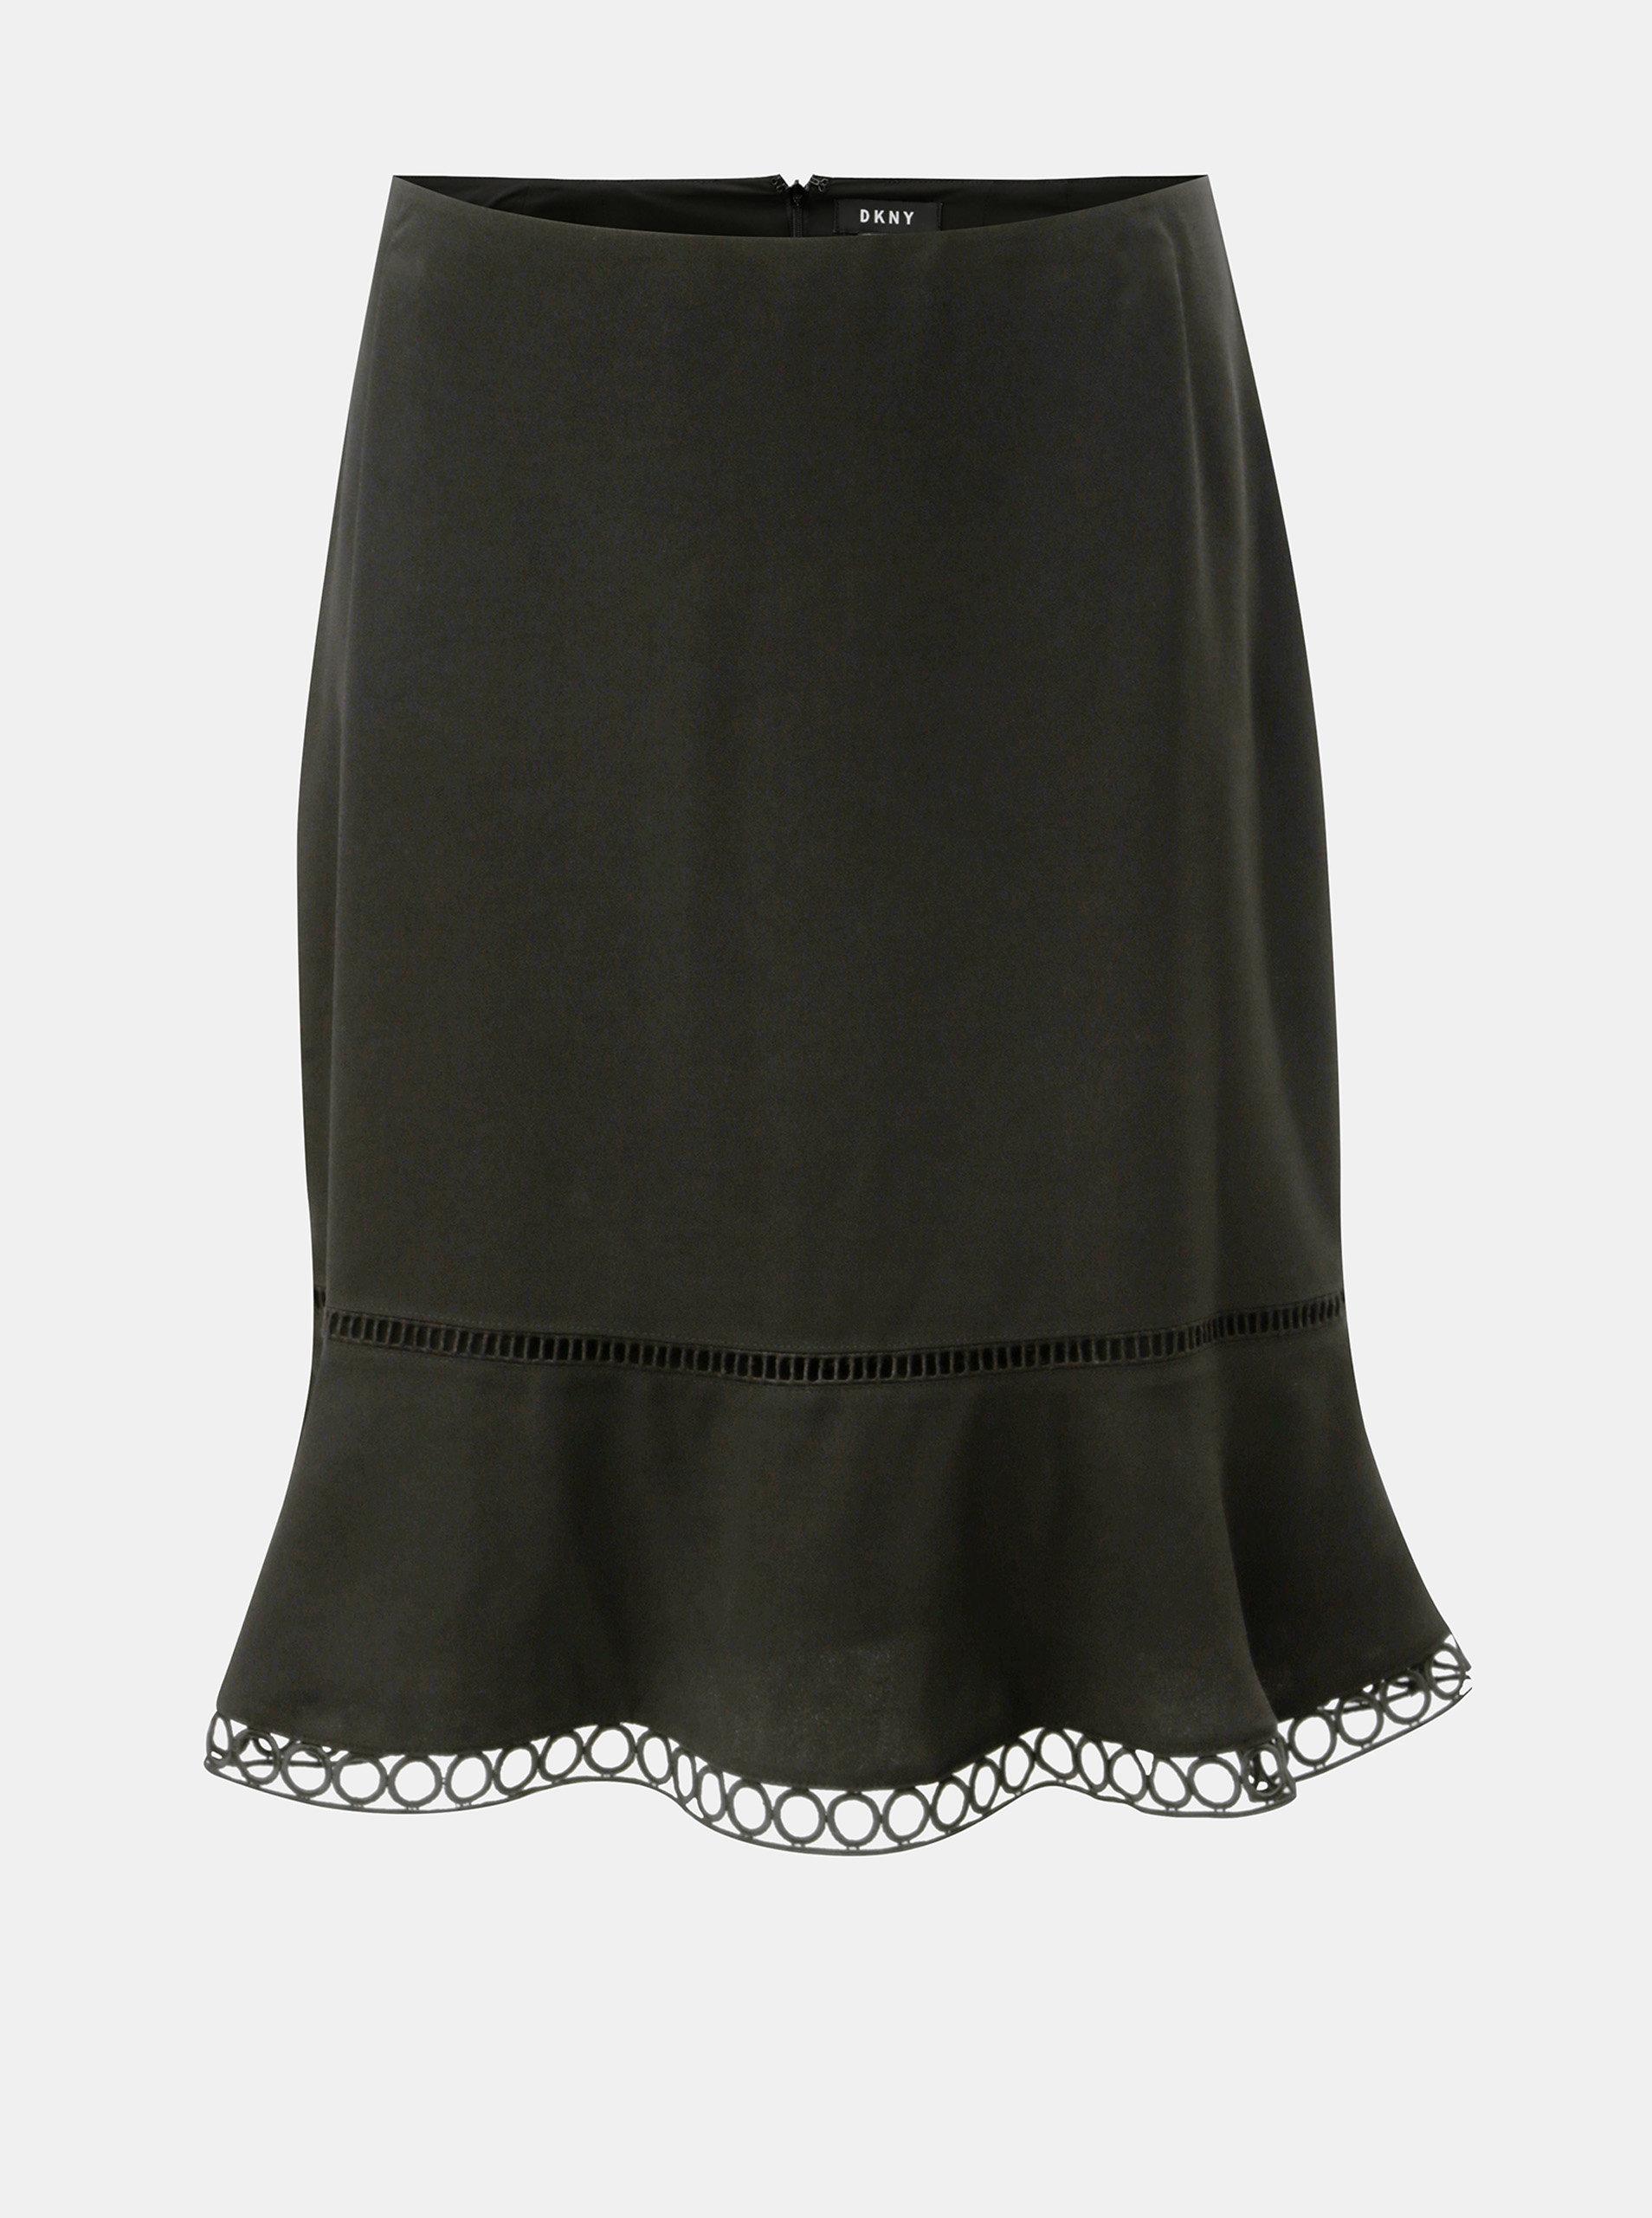 b71d74ef5 Čierna sukňa s čipkovaným lemom DKNY Flare | ZOOT.sk